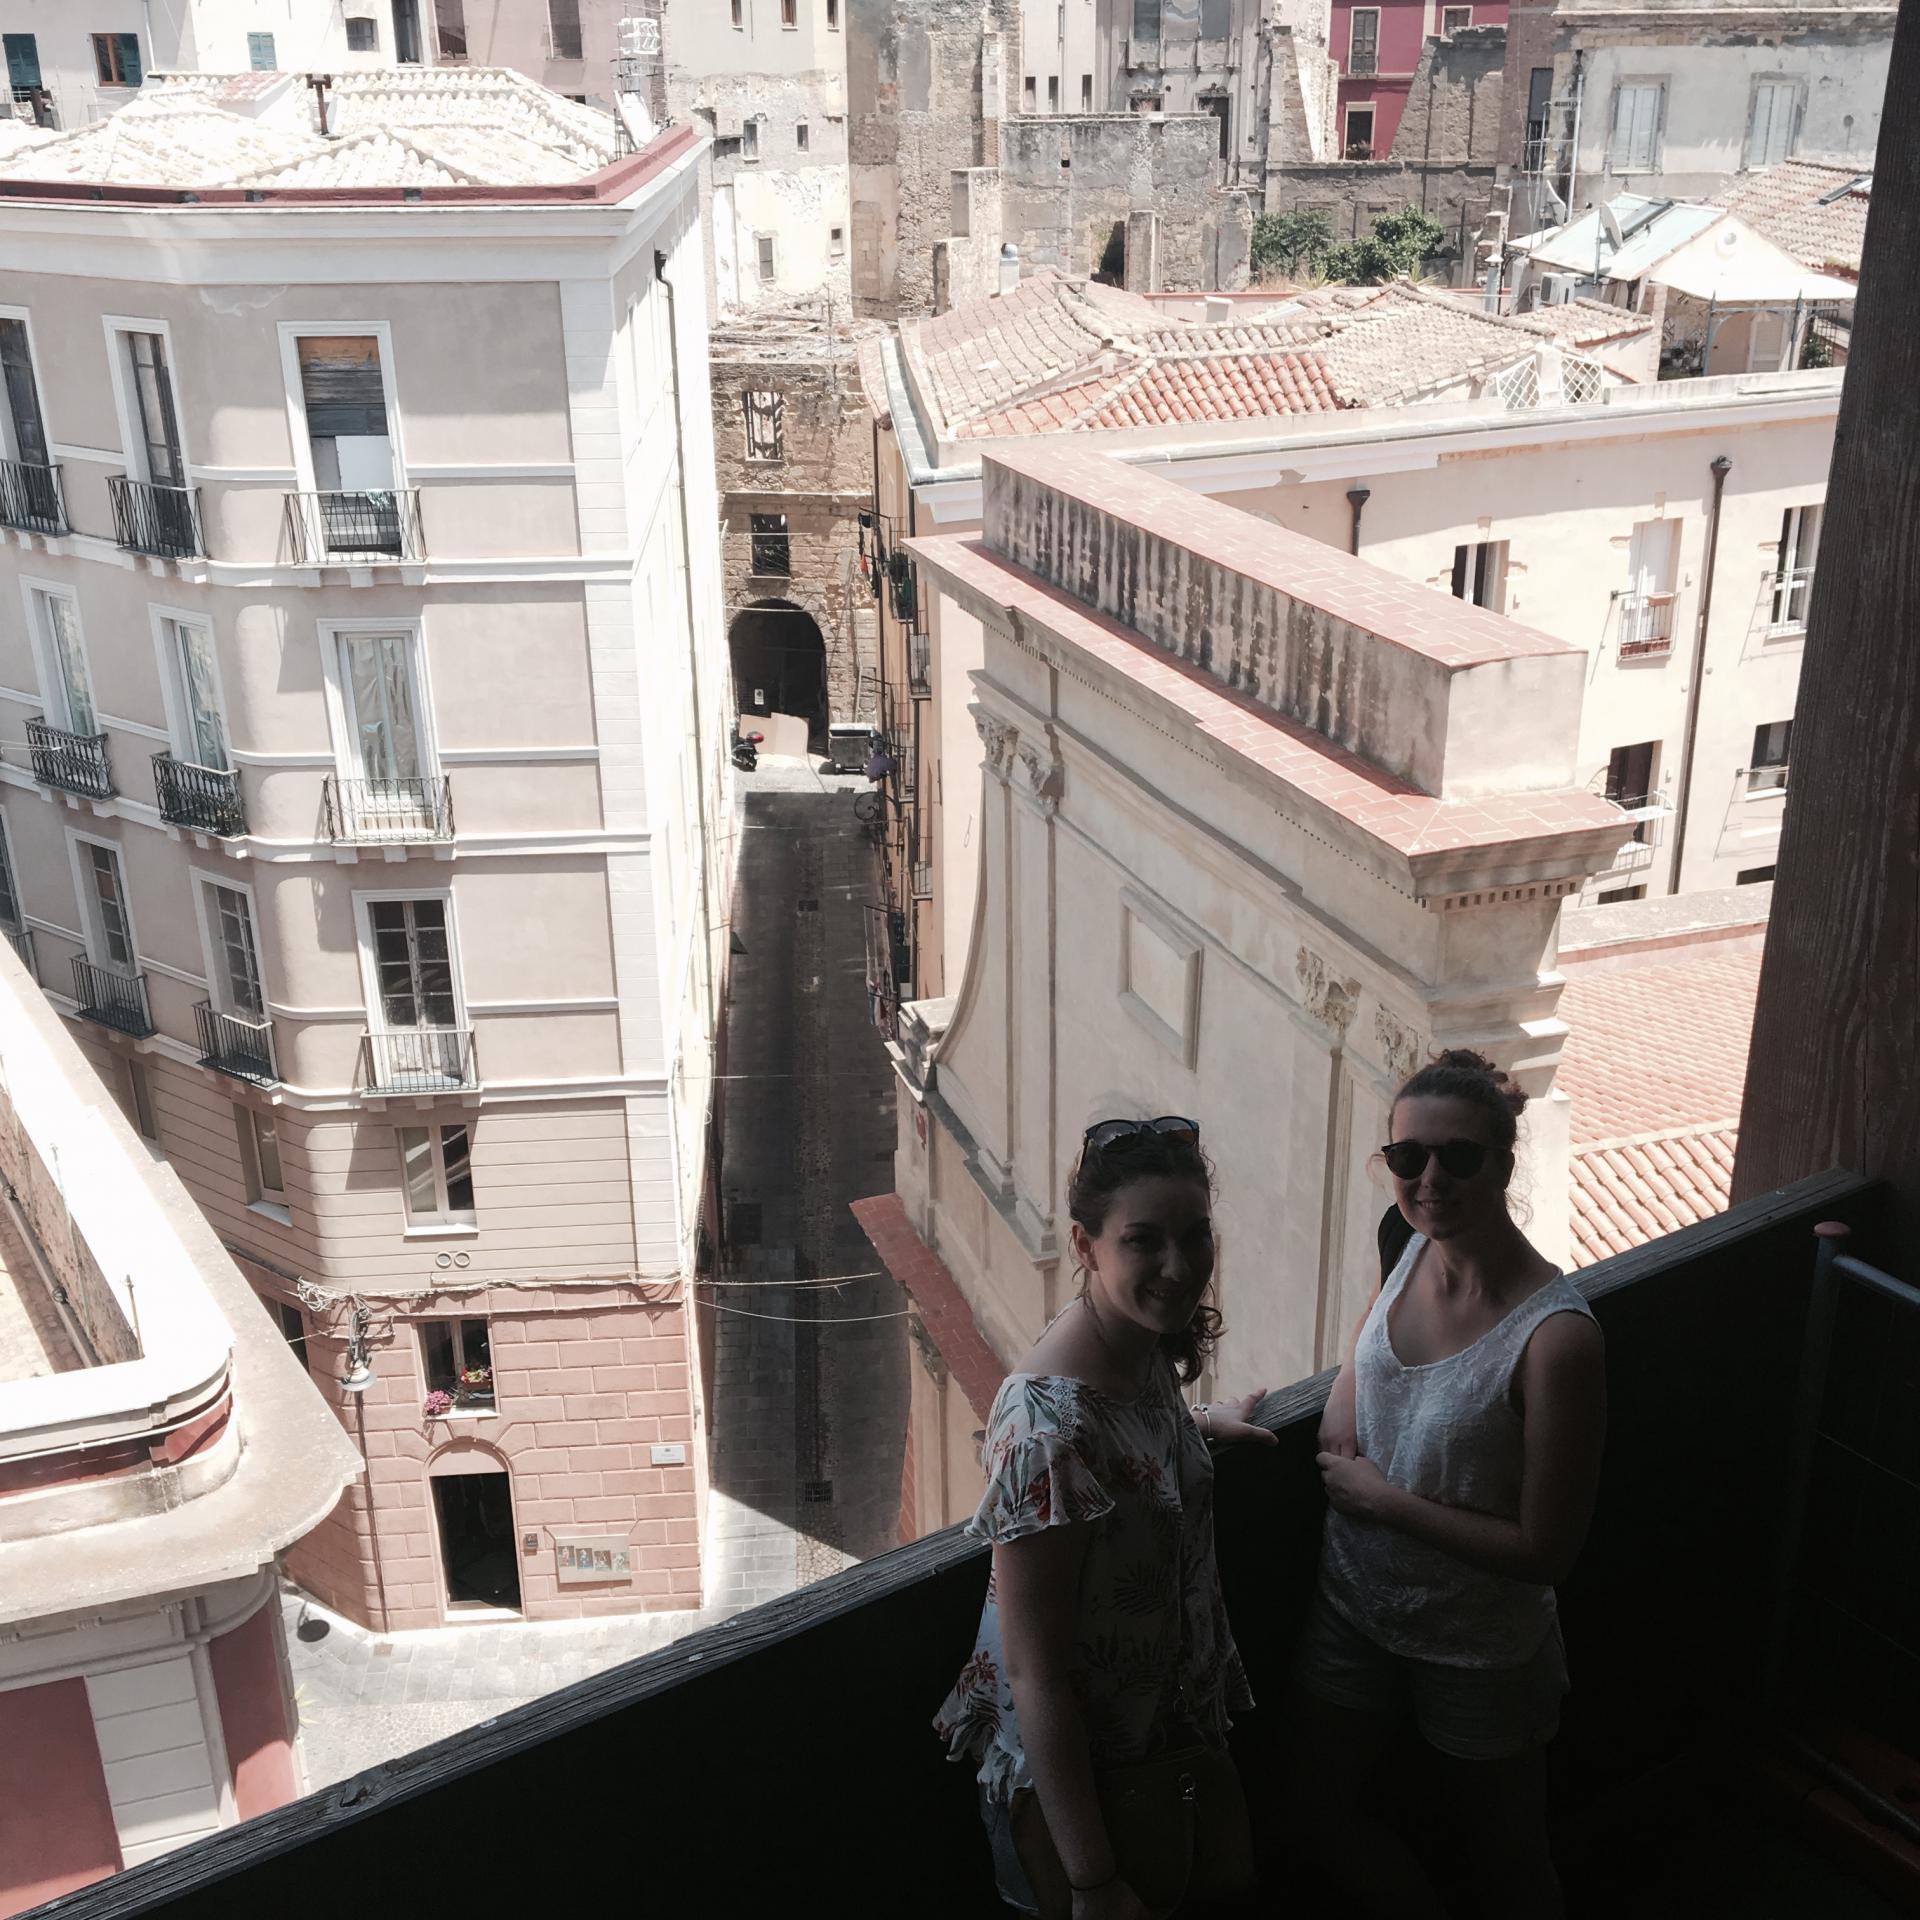 Mon voyage en Sardaigne entre copines 4